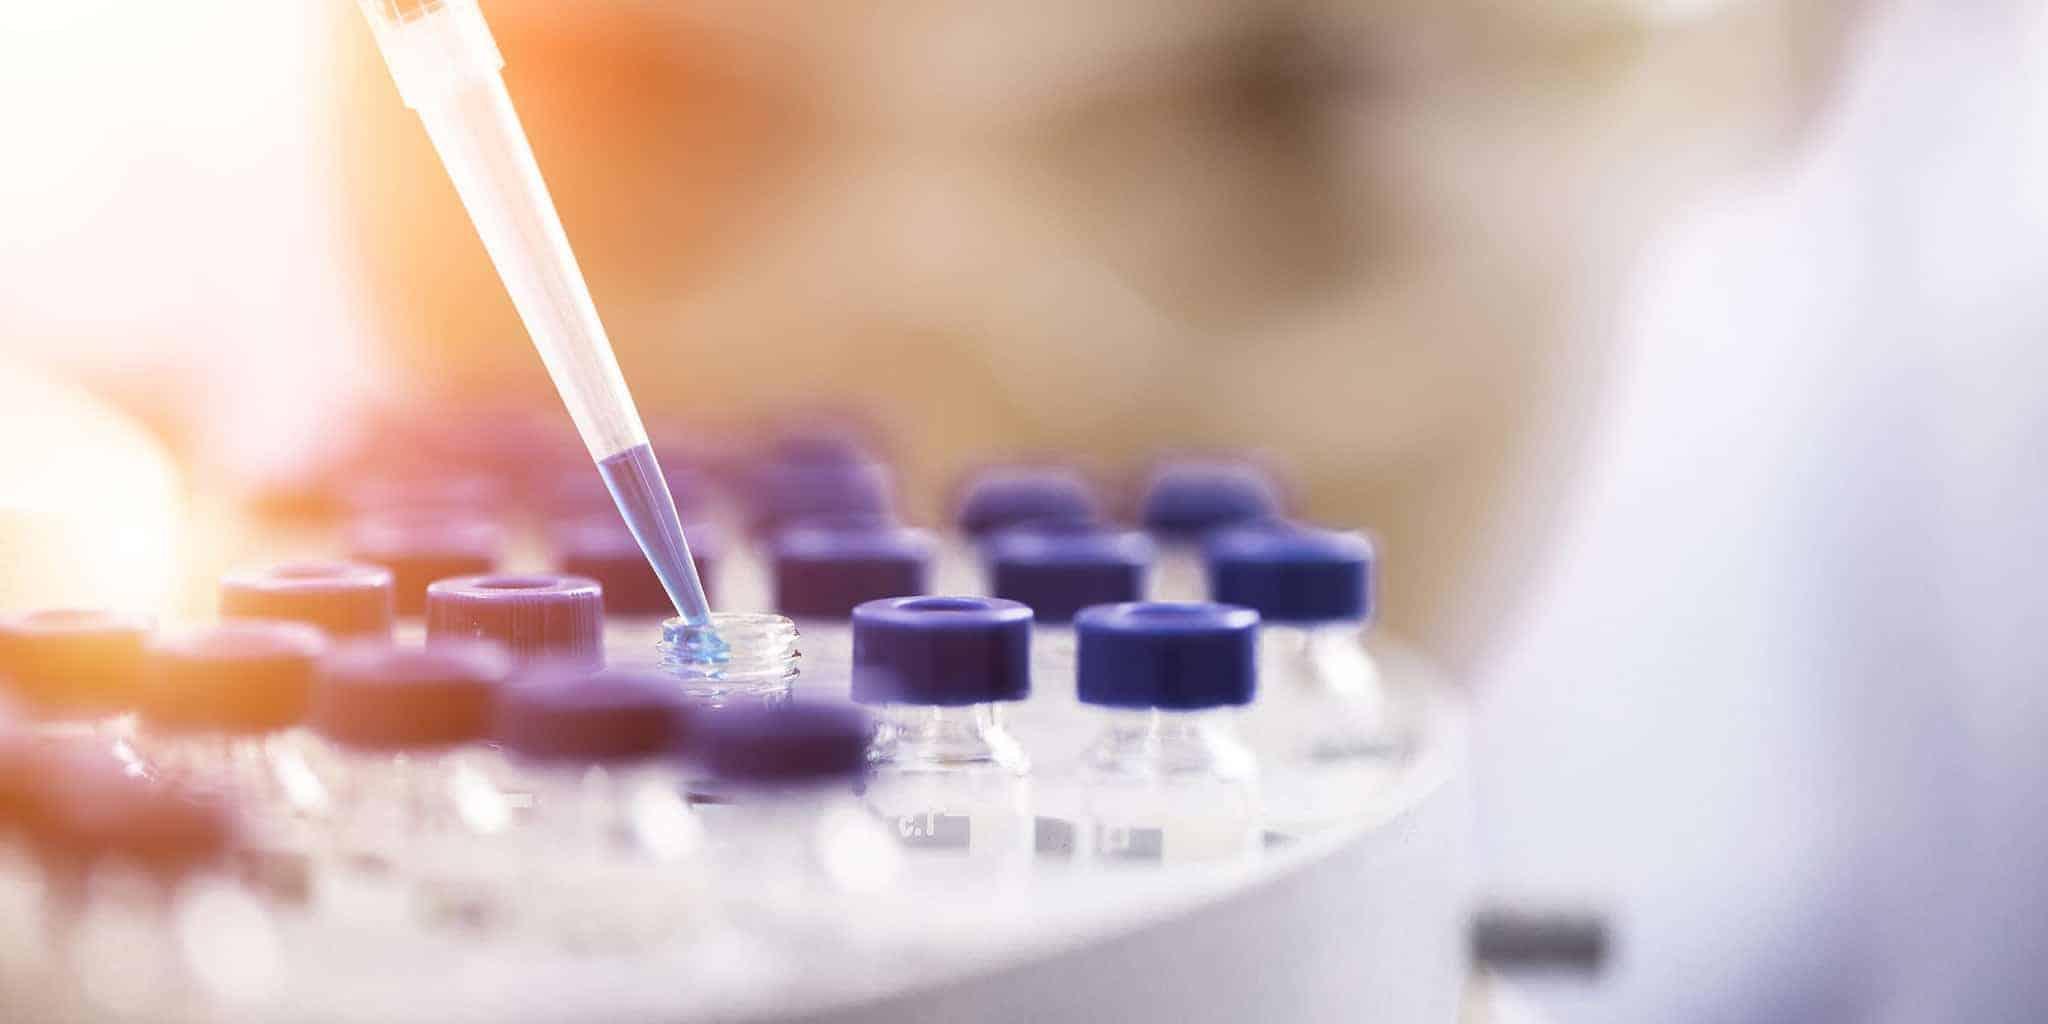 kemoterapi - cara pengobatan kanker - sembuh dari kanker